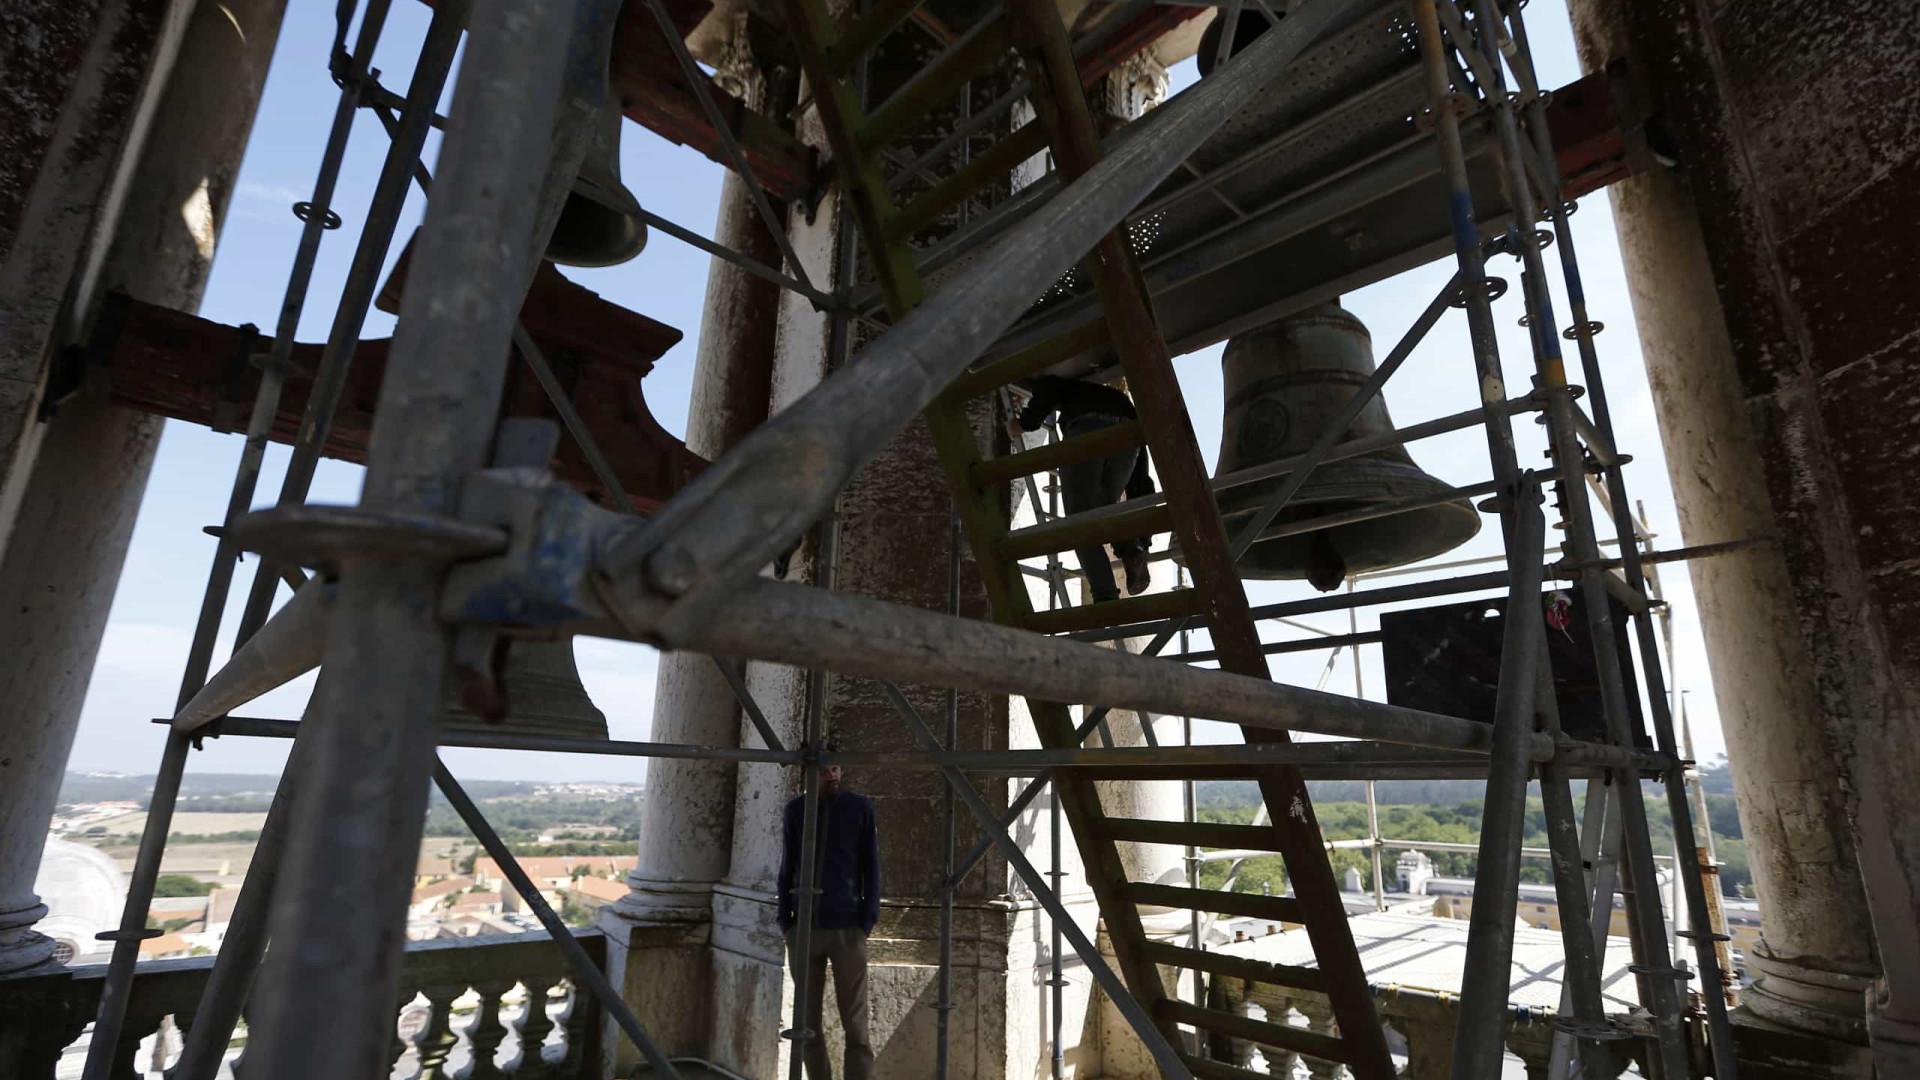 Maiores sinos da torre sul do Palácio de Mafra são apeados na quarta